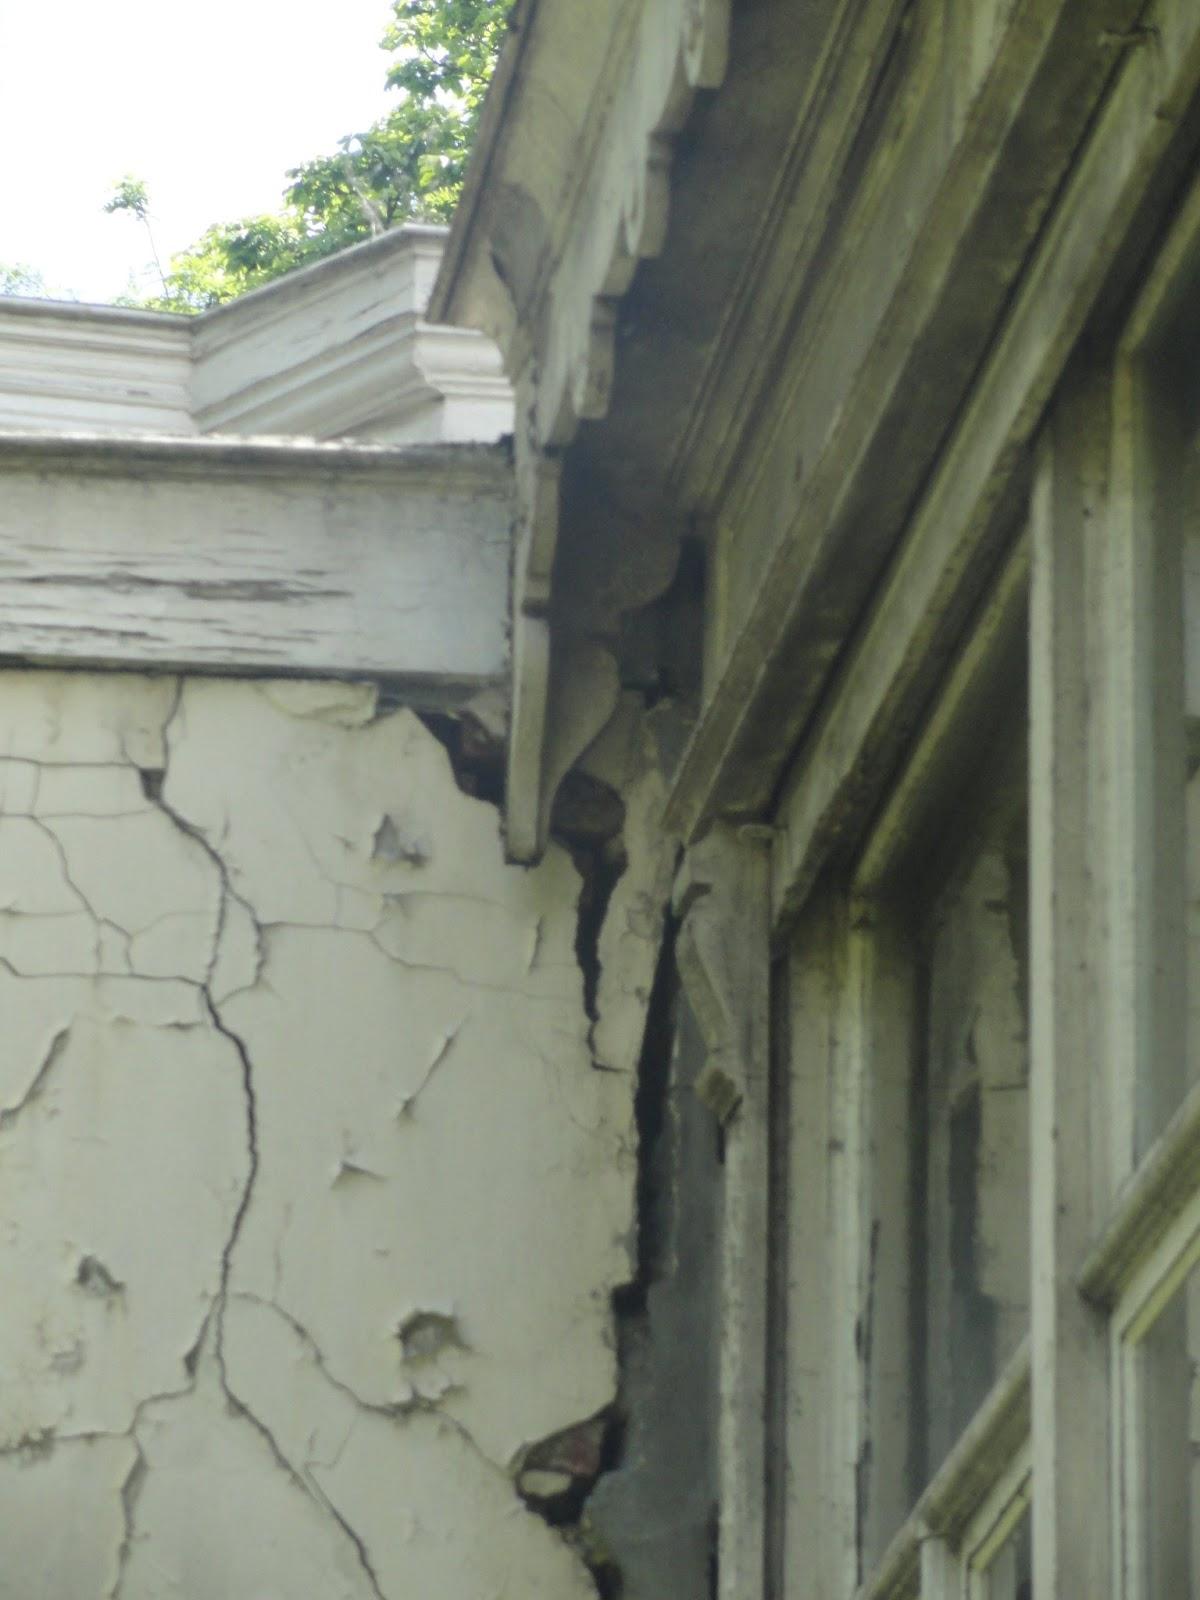 P titions patrimoine la maison hap a l 39 abandon 05 - Maison qui s affaisse ...